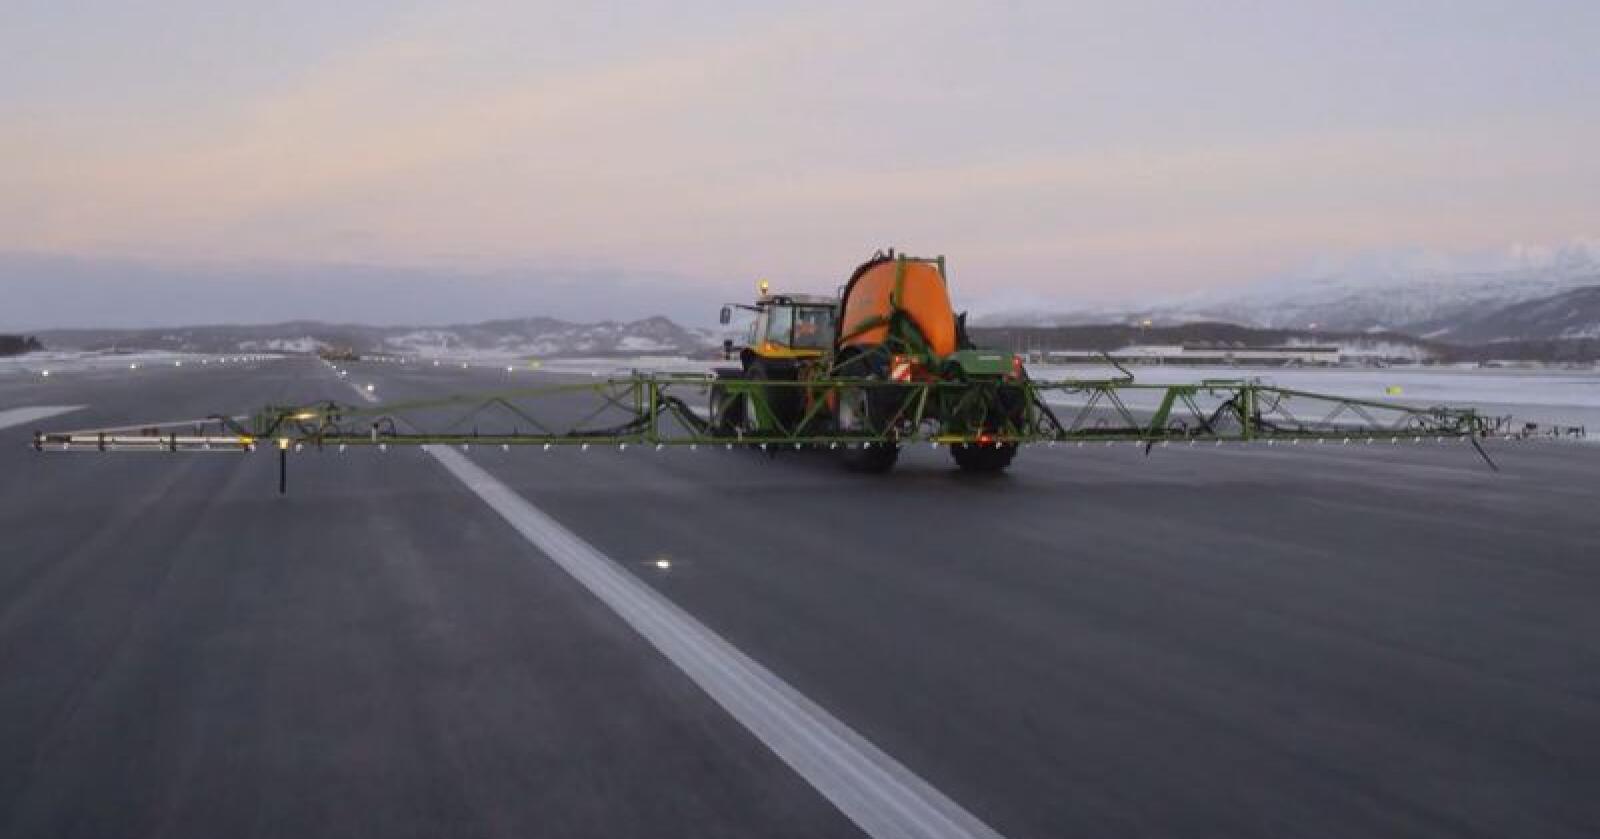 På Evenes lufthavn har de funnet et alternativt bruksområde til trailersprøyta Amazone UX 6200. Foto: A-K Maskiner